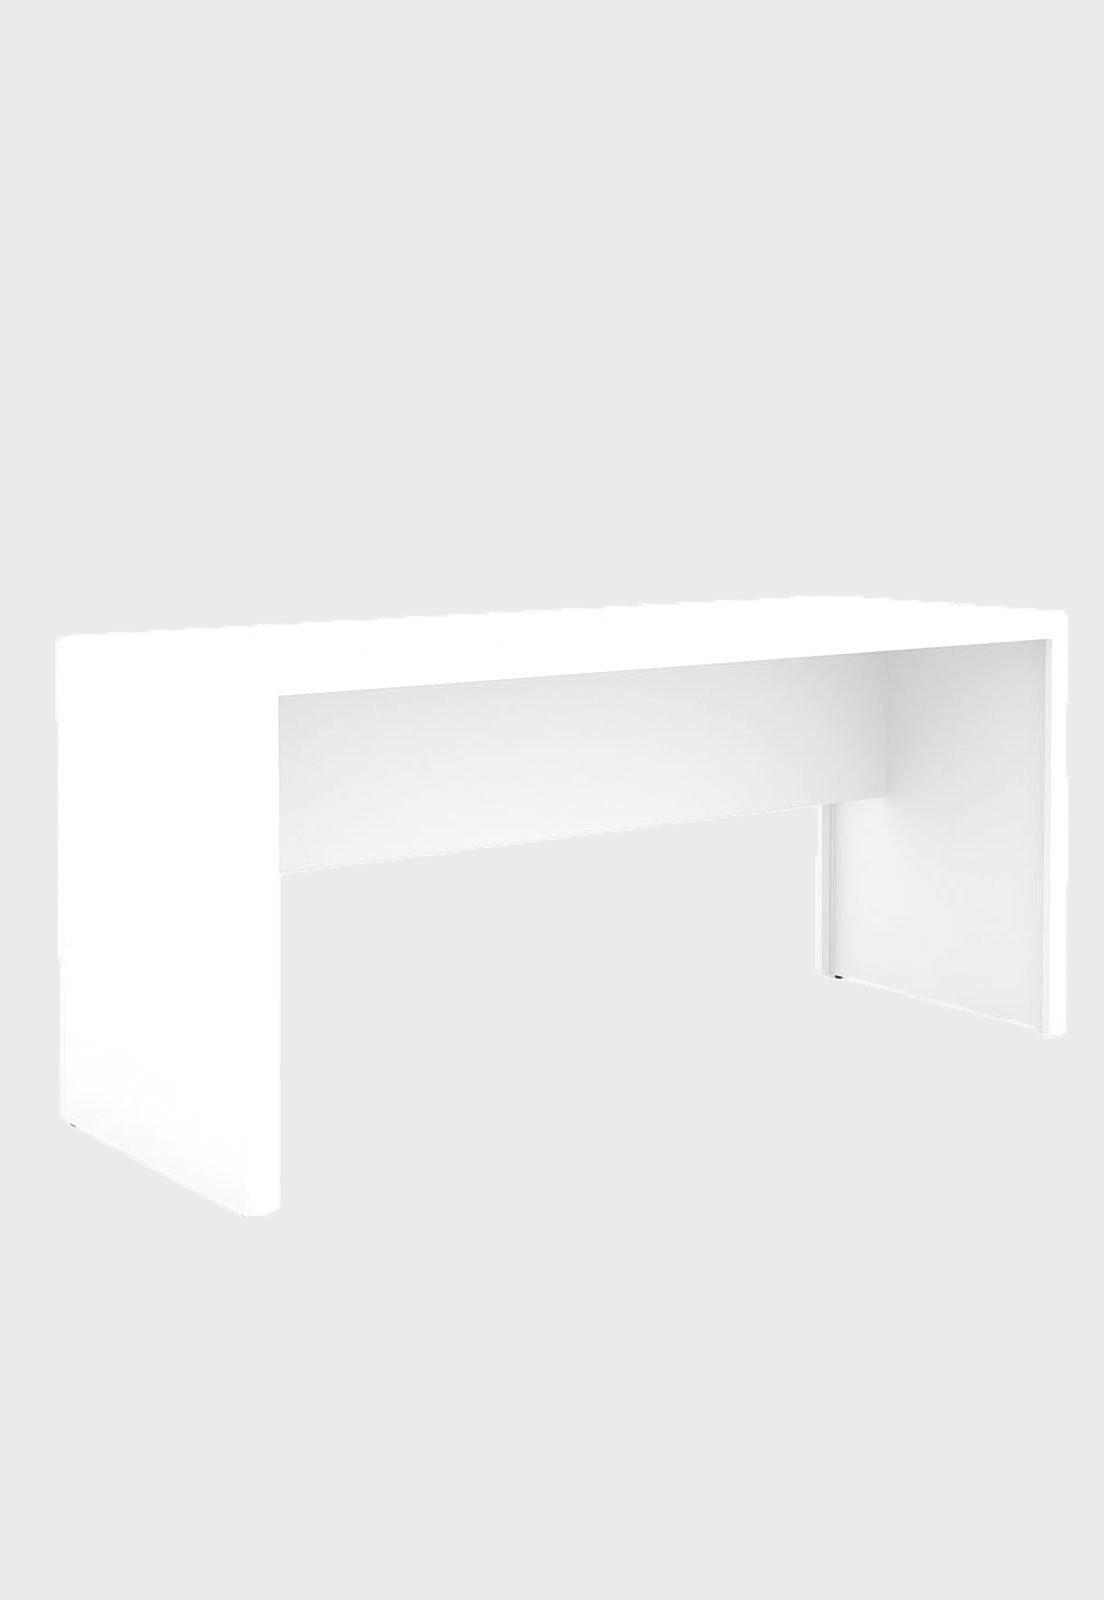 Mesa Para Escritorio Me 4109 Branca Tecno Mobili Compre Agora Dafiti Brasil